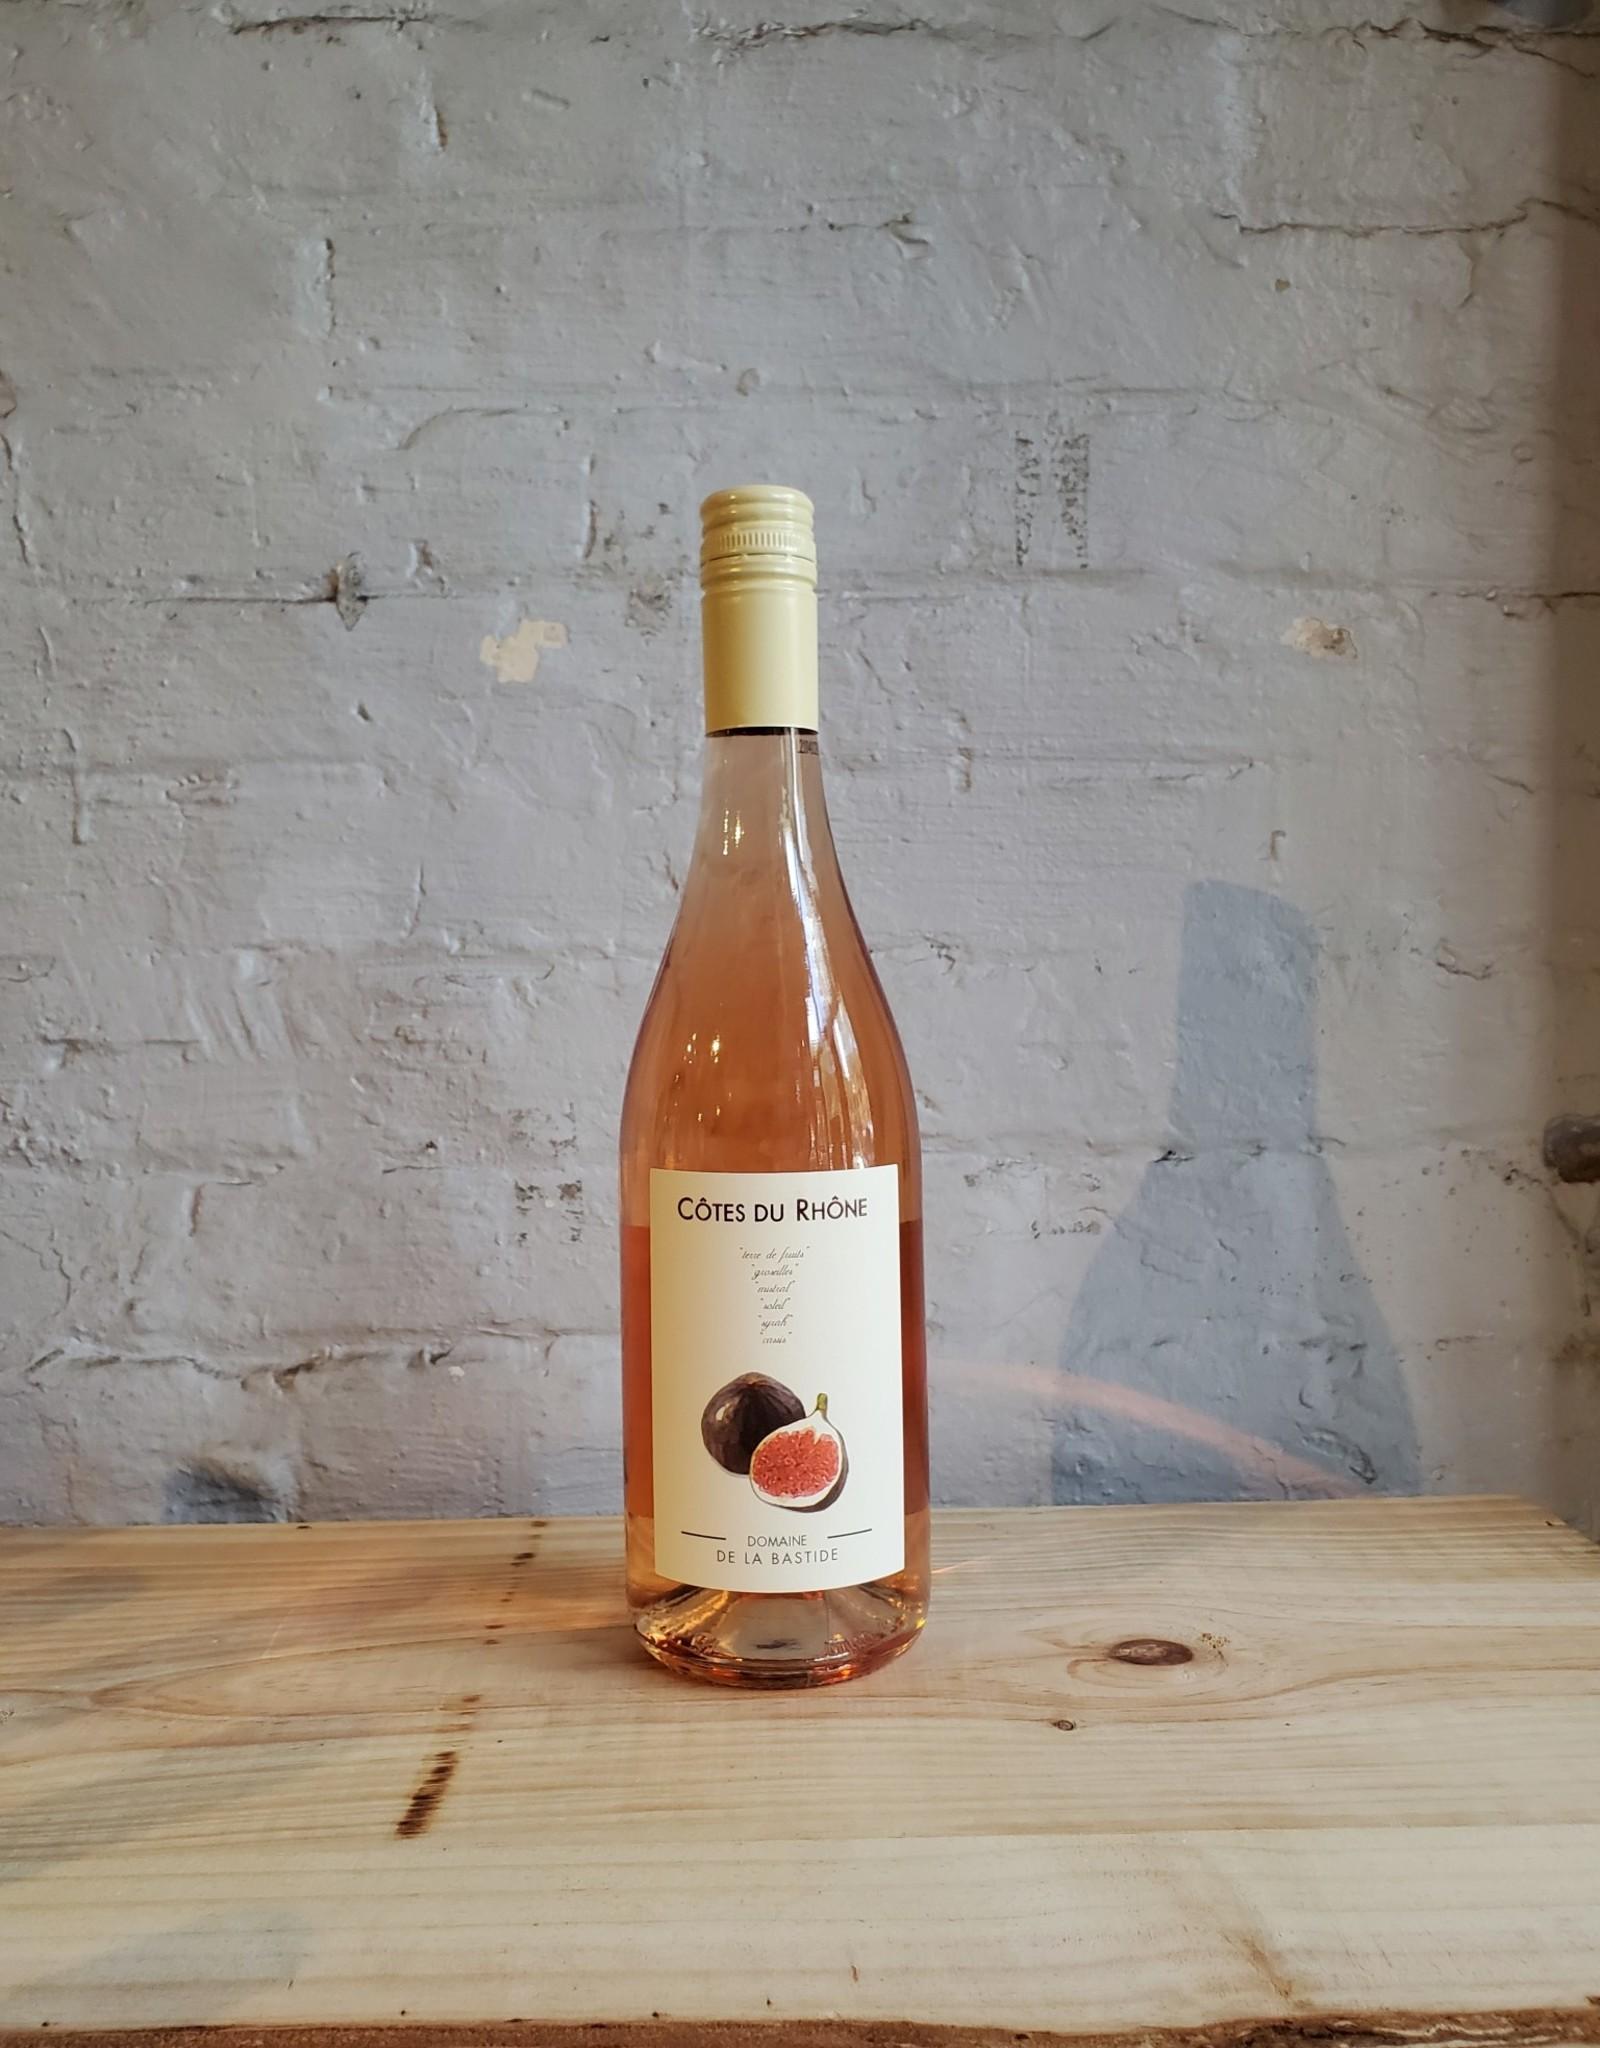 Wine 2020 Domaine de la Bastide 'Figue' Rose - Cotes du Rhone, France